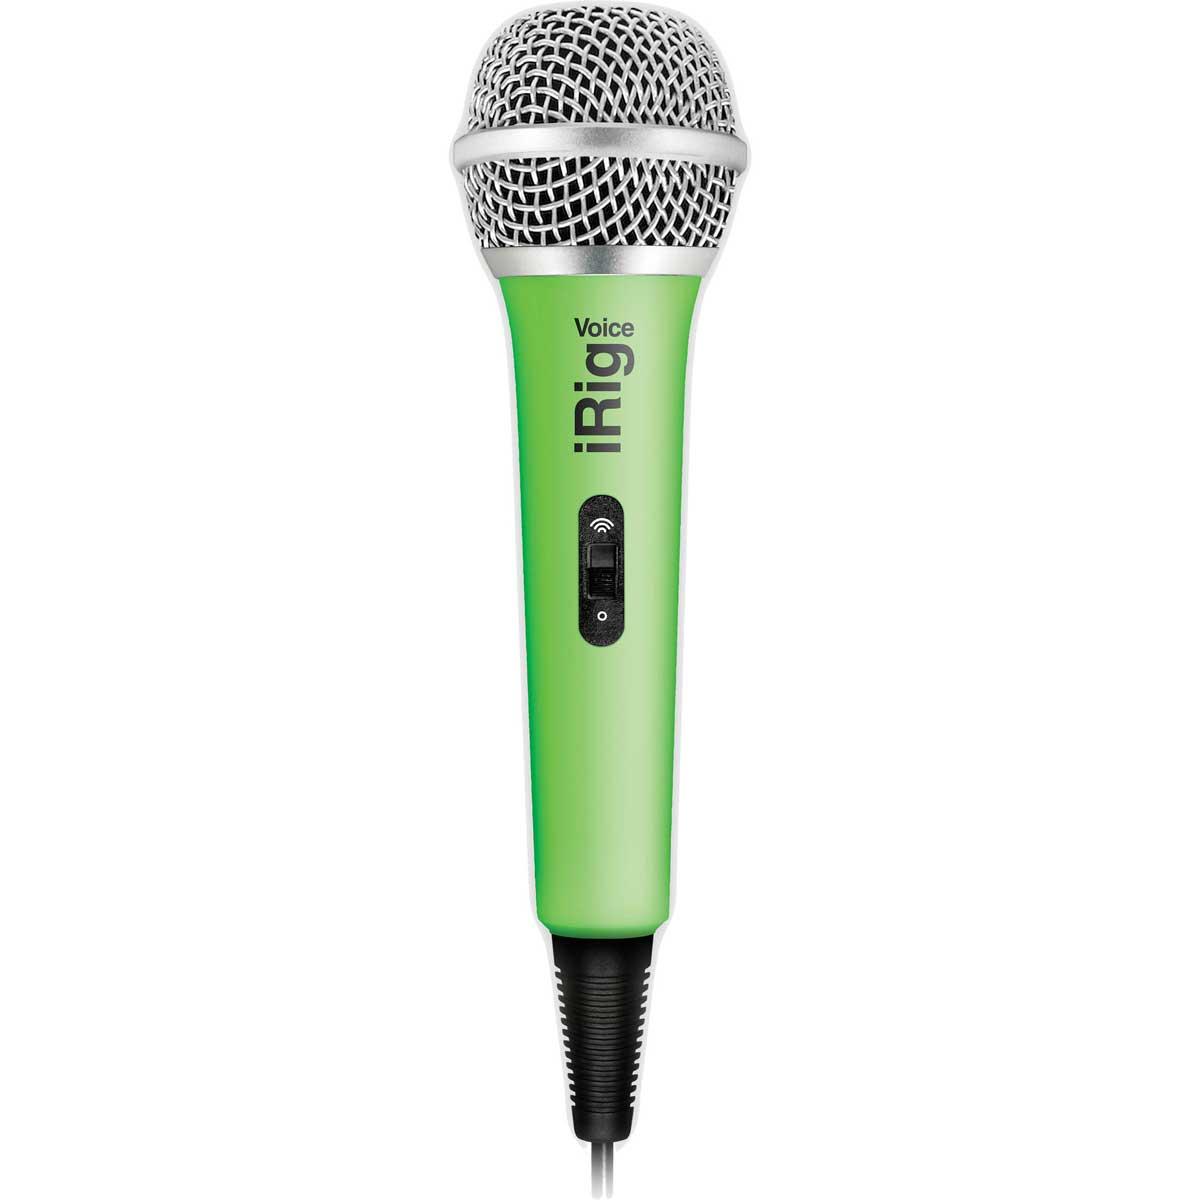 Billede af IK Multimedia iRig Voice mikrofontilsmartphone/tablet grøn